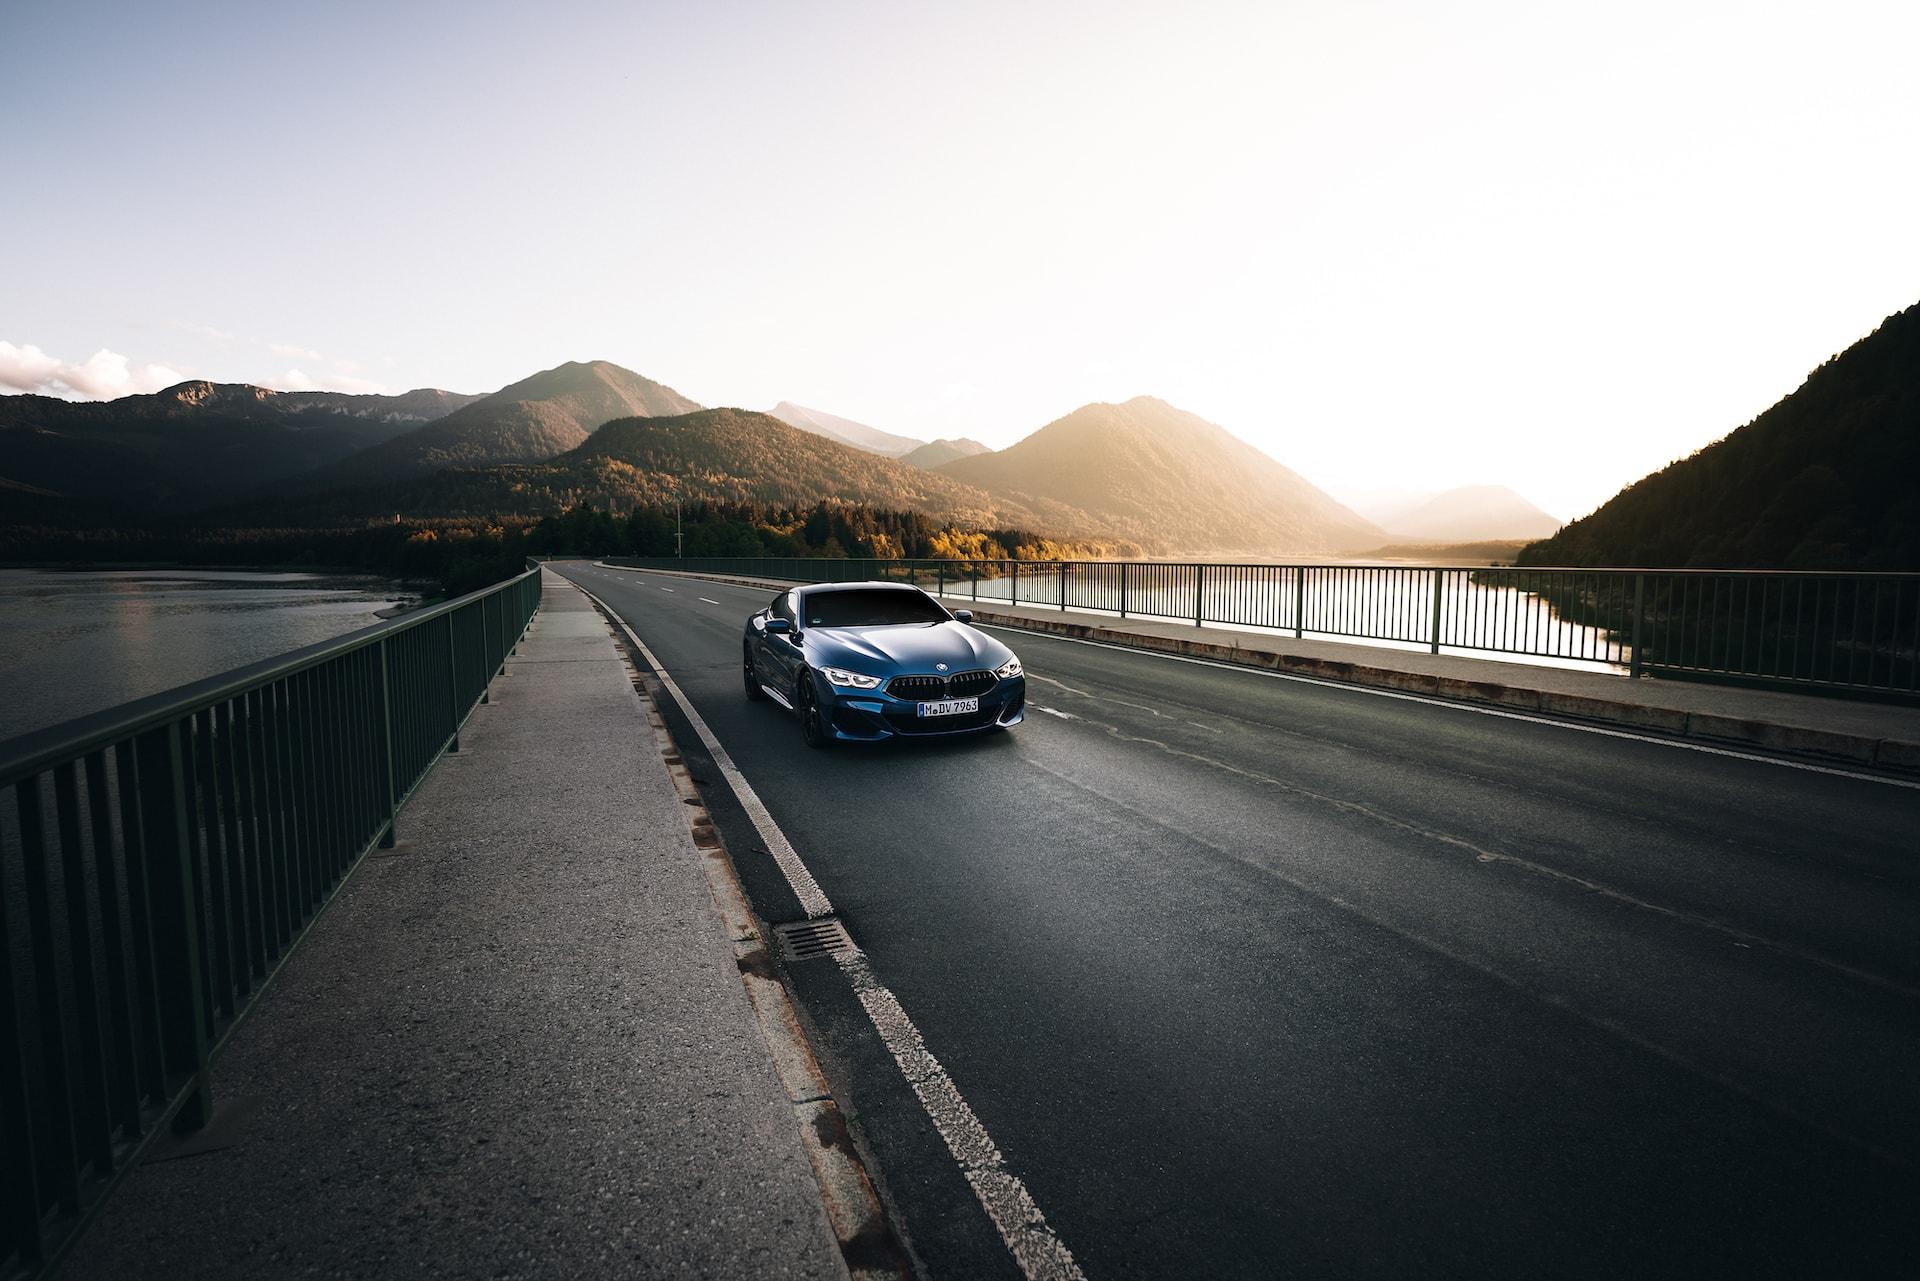 The Power of Choice: Für welches BMW Modell würdest du Dich entscheiden? 6